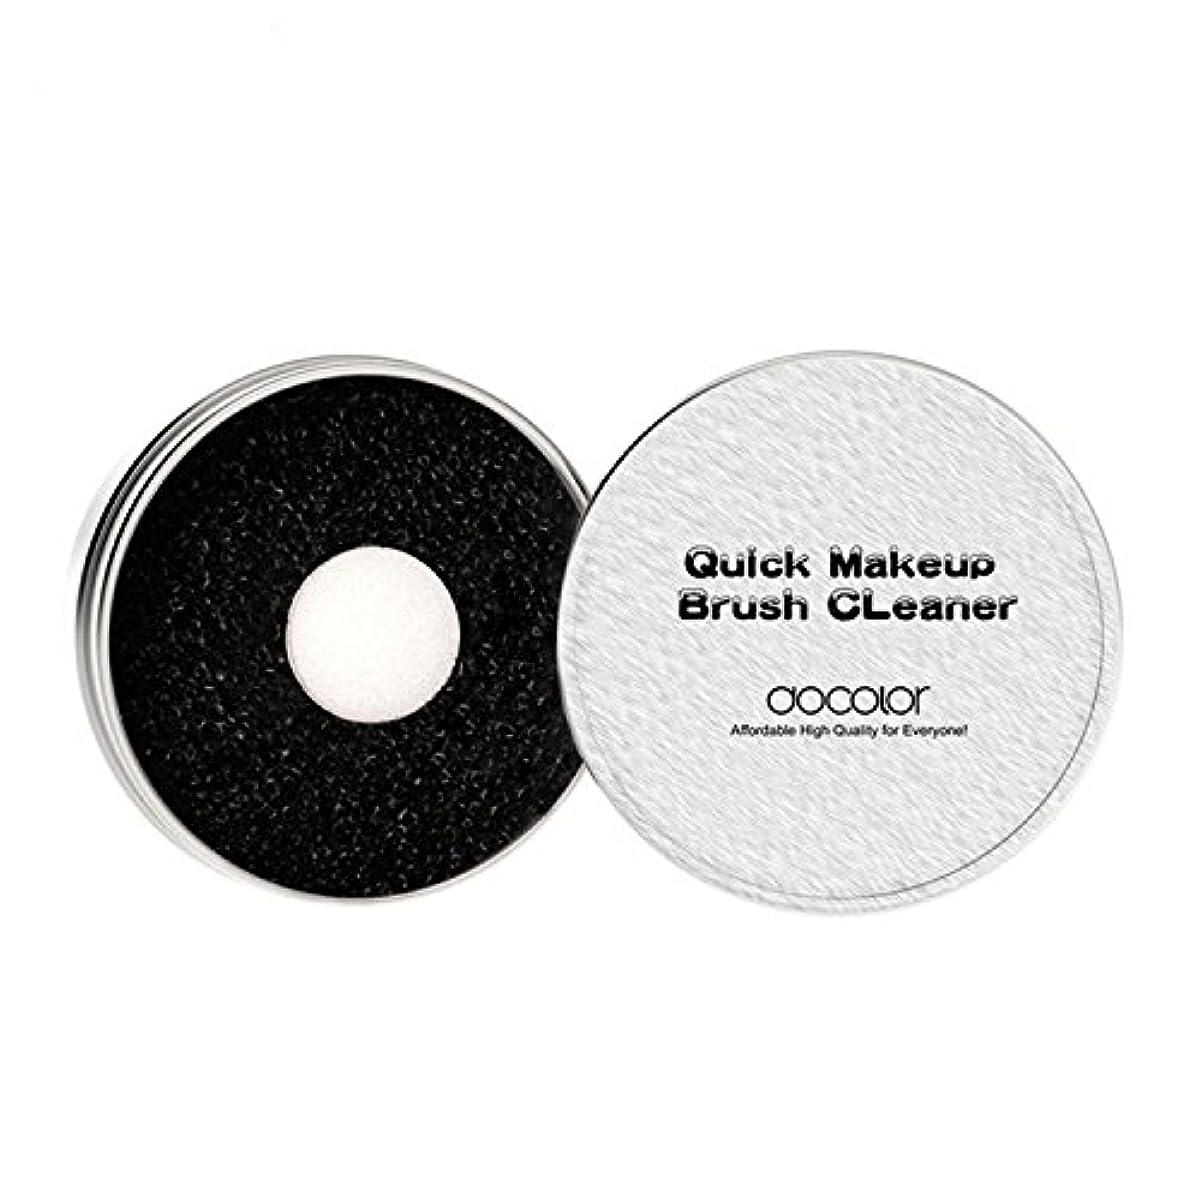 ウォルターカニンガム意識的修正するメイクブラシクリーナー スポンジ ドライクリーナー-DOCOLOR ブラシ用クリーナー 携帯用 何度も使える